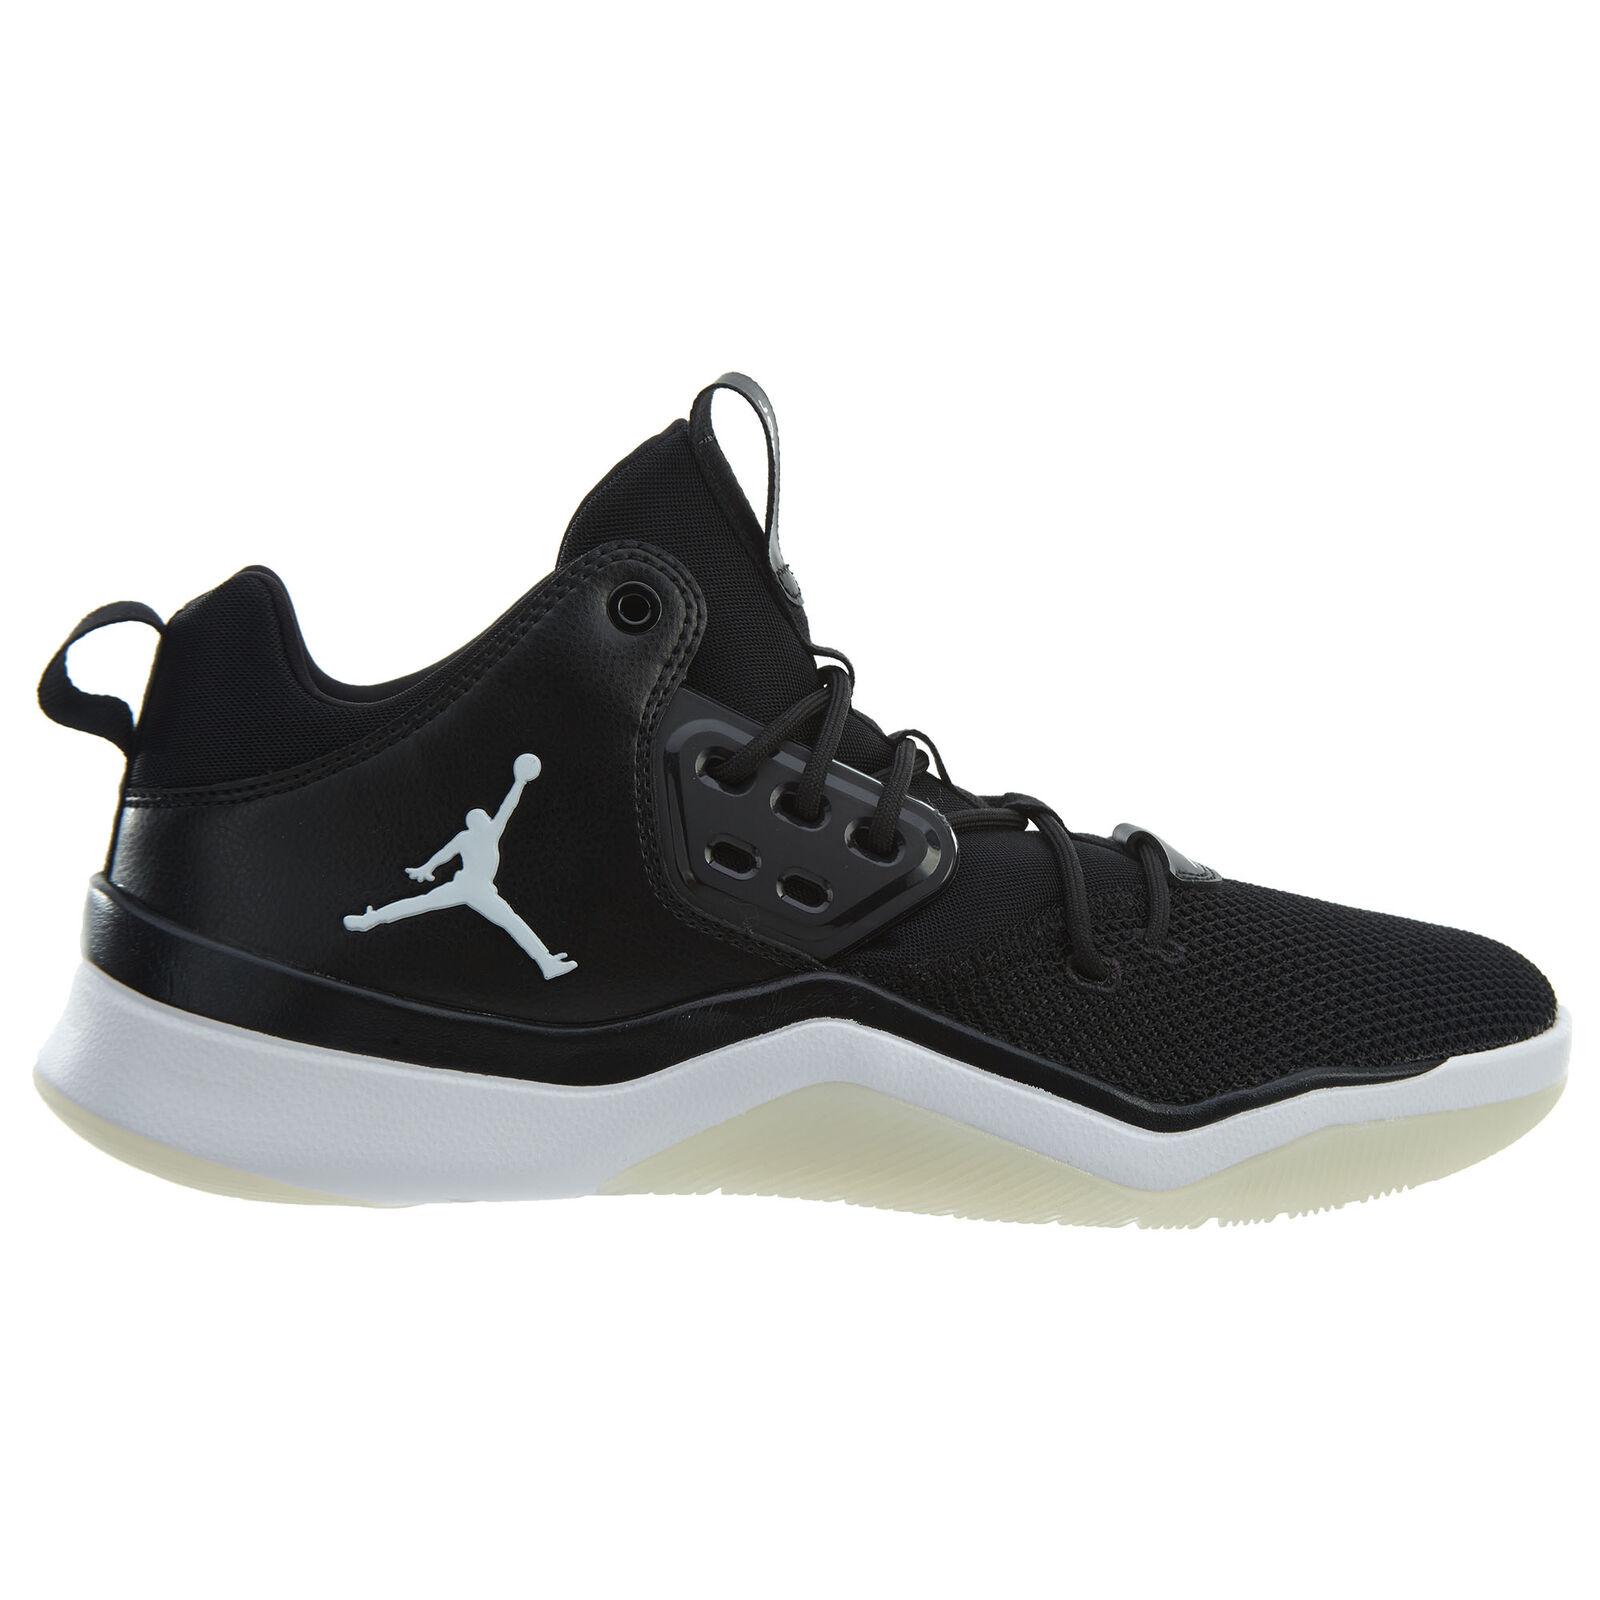 Jordan DNA para hombre AO1539-010 Negro Blanco Blanco Negro Zapatos Atléticos tamaño 10.5 Sintético De Malla b0191c